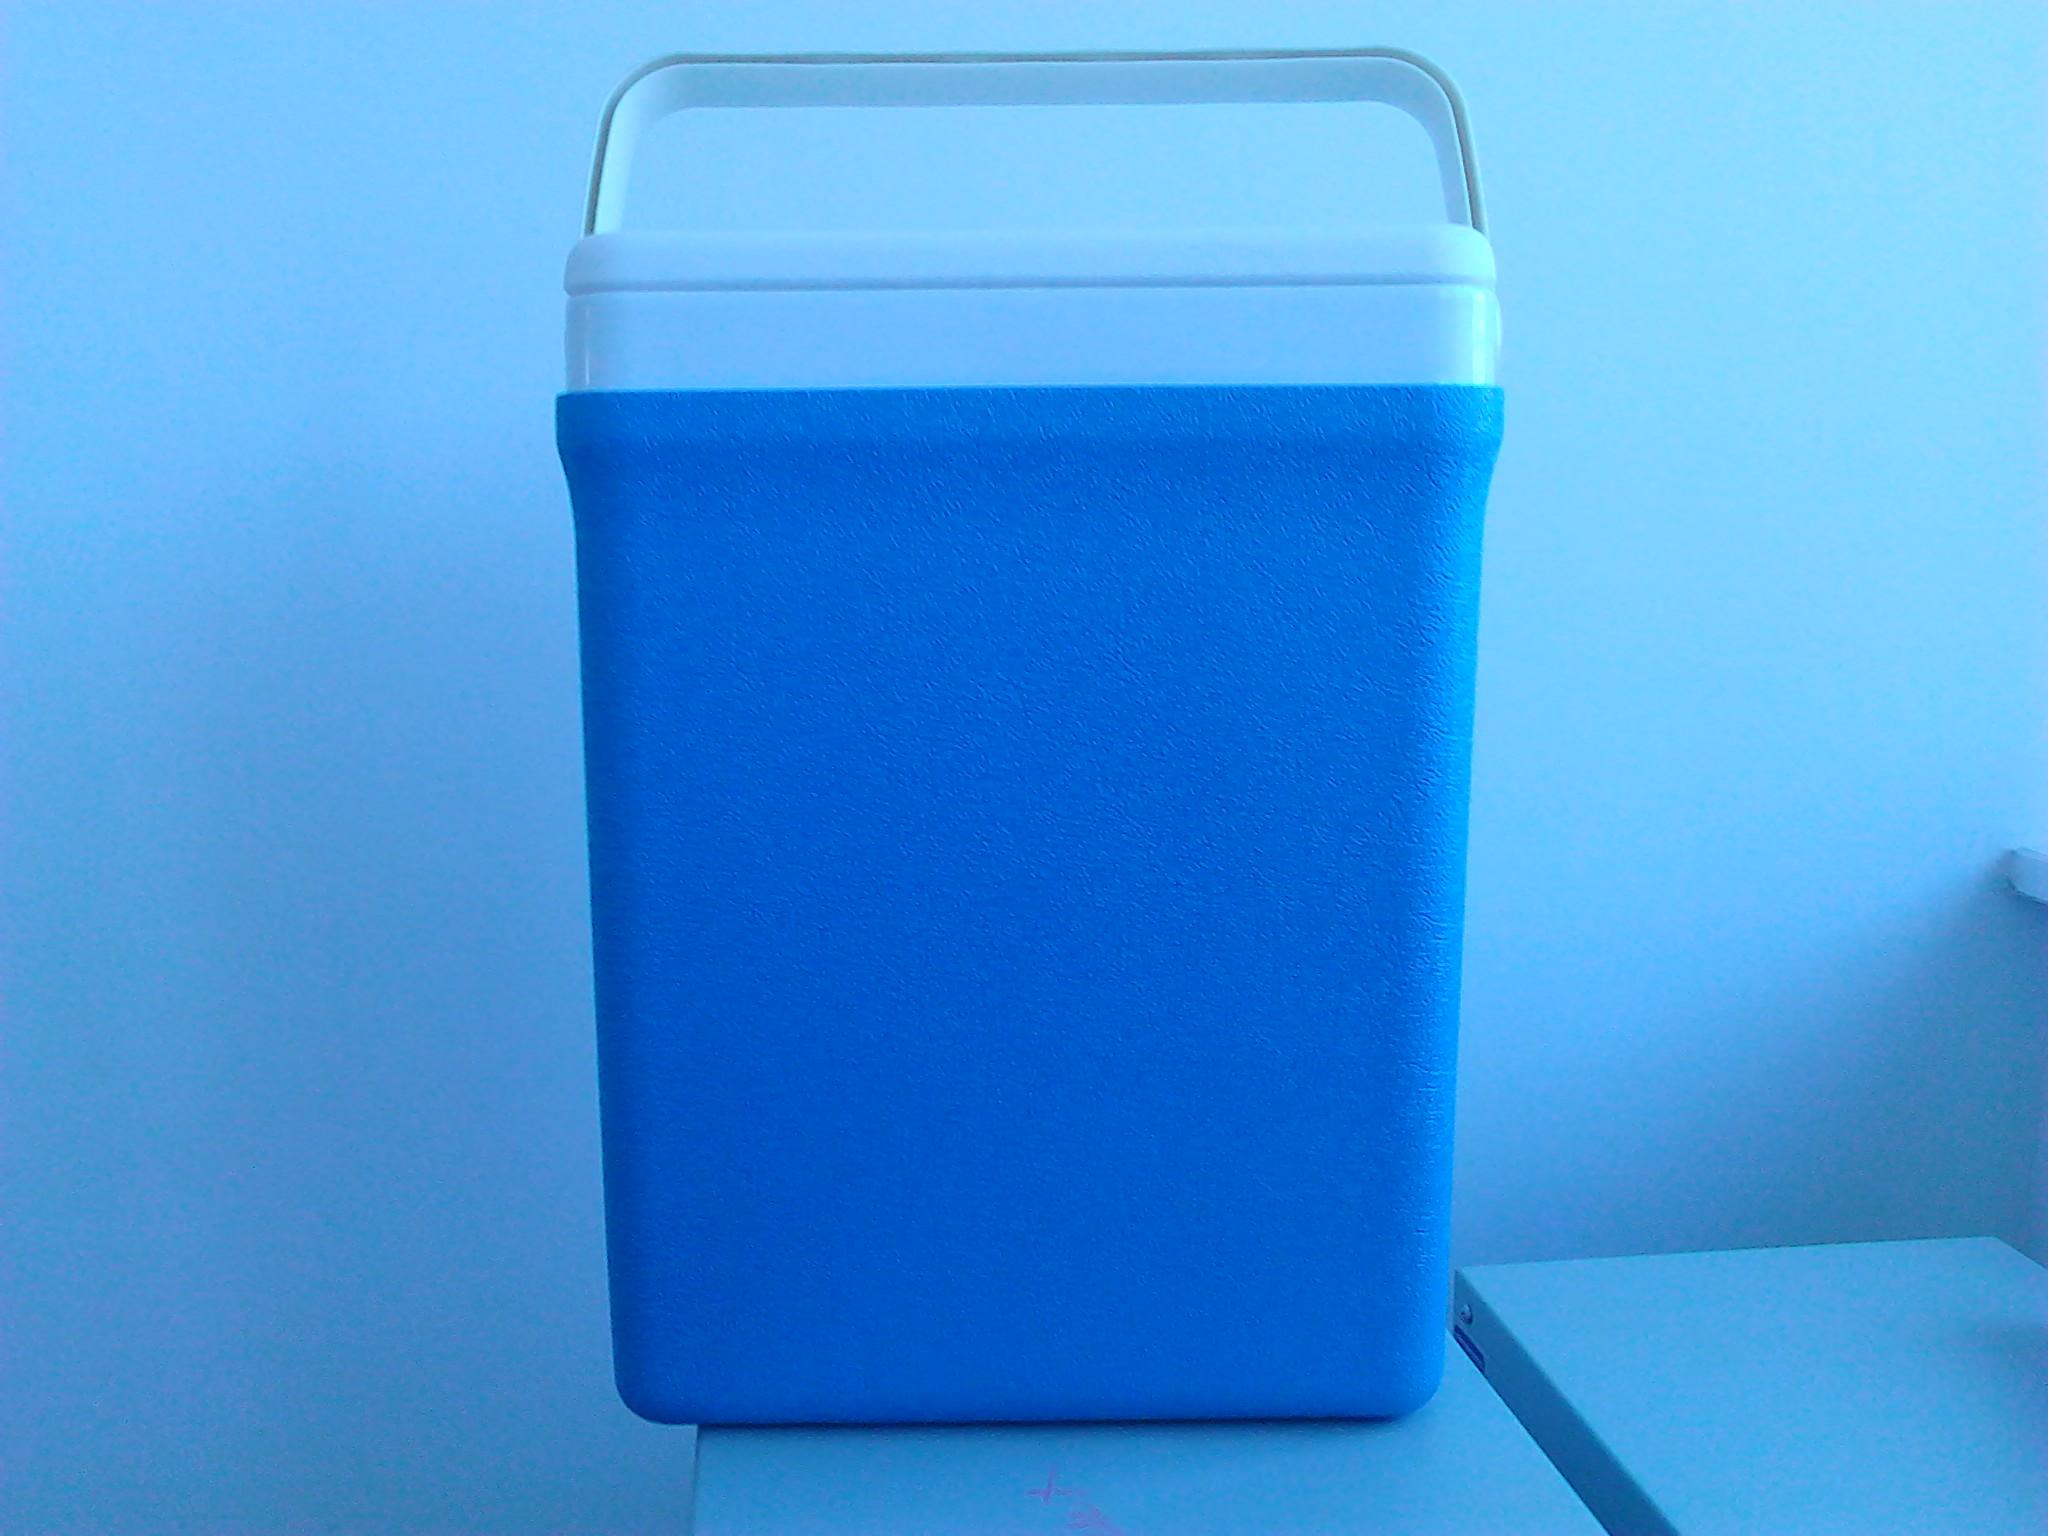 Auto Kühlschränke Test : Retro kühlschrank test ▷ testberichte